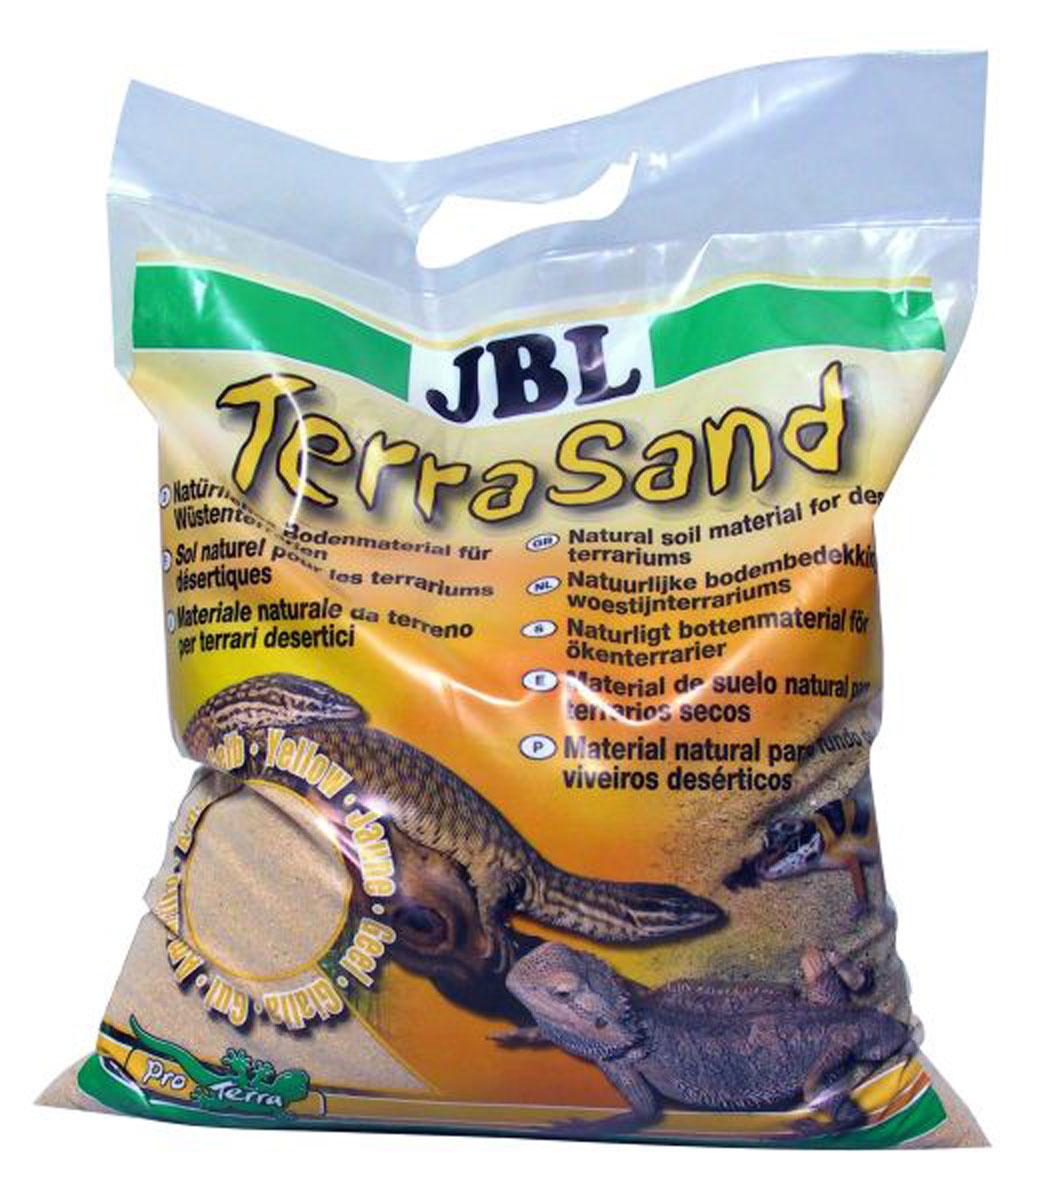 Донный грунт JBL TerraSand weiss для сухих террариумов, цвет: белый, 5 лJBL7101900JBL TerraSand wei? - Донный грунт для сухих террариумов, цвет белый, 5 л.